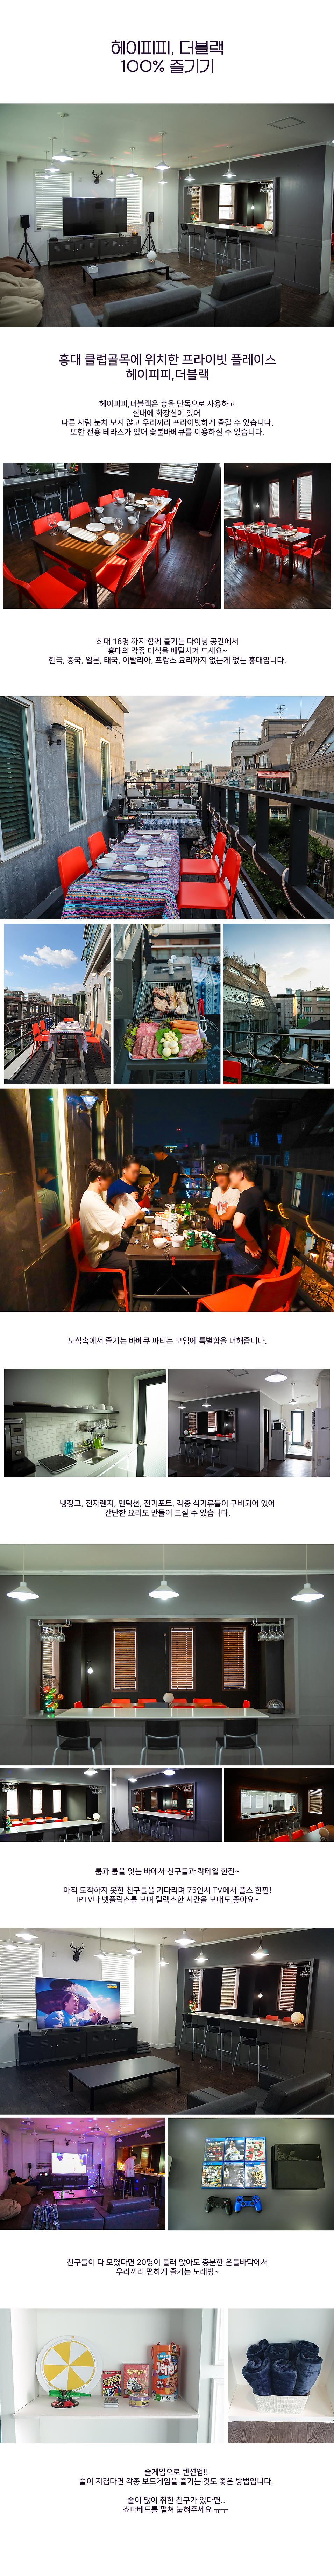 더블랙 공간소개_20210127.png